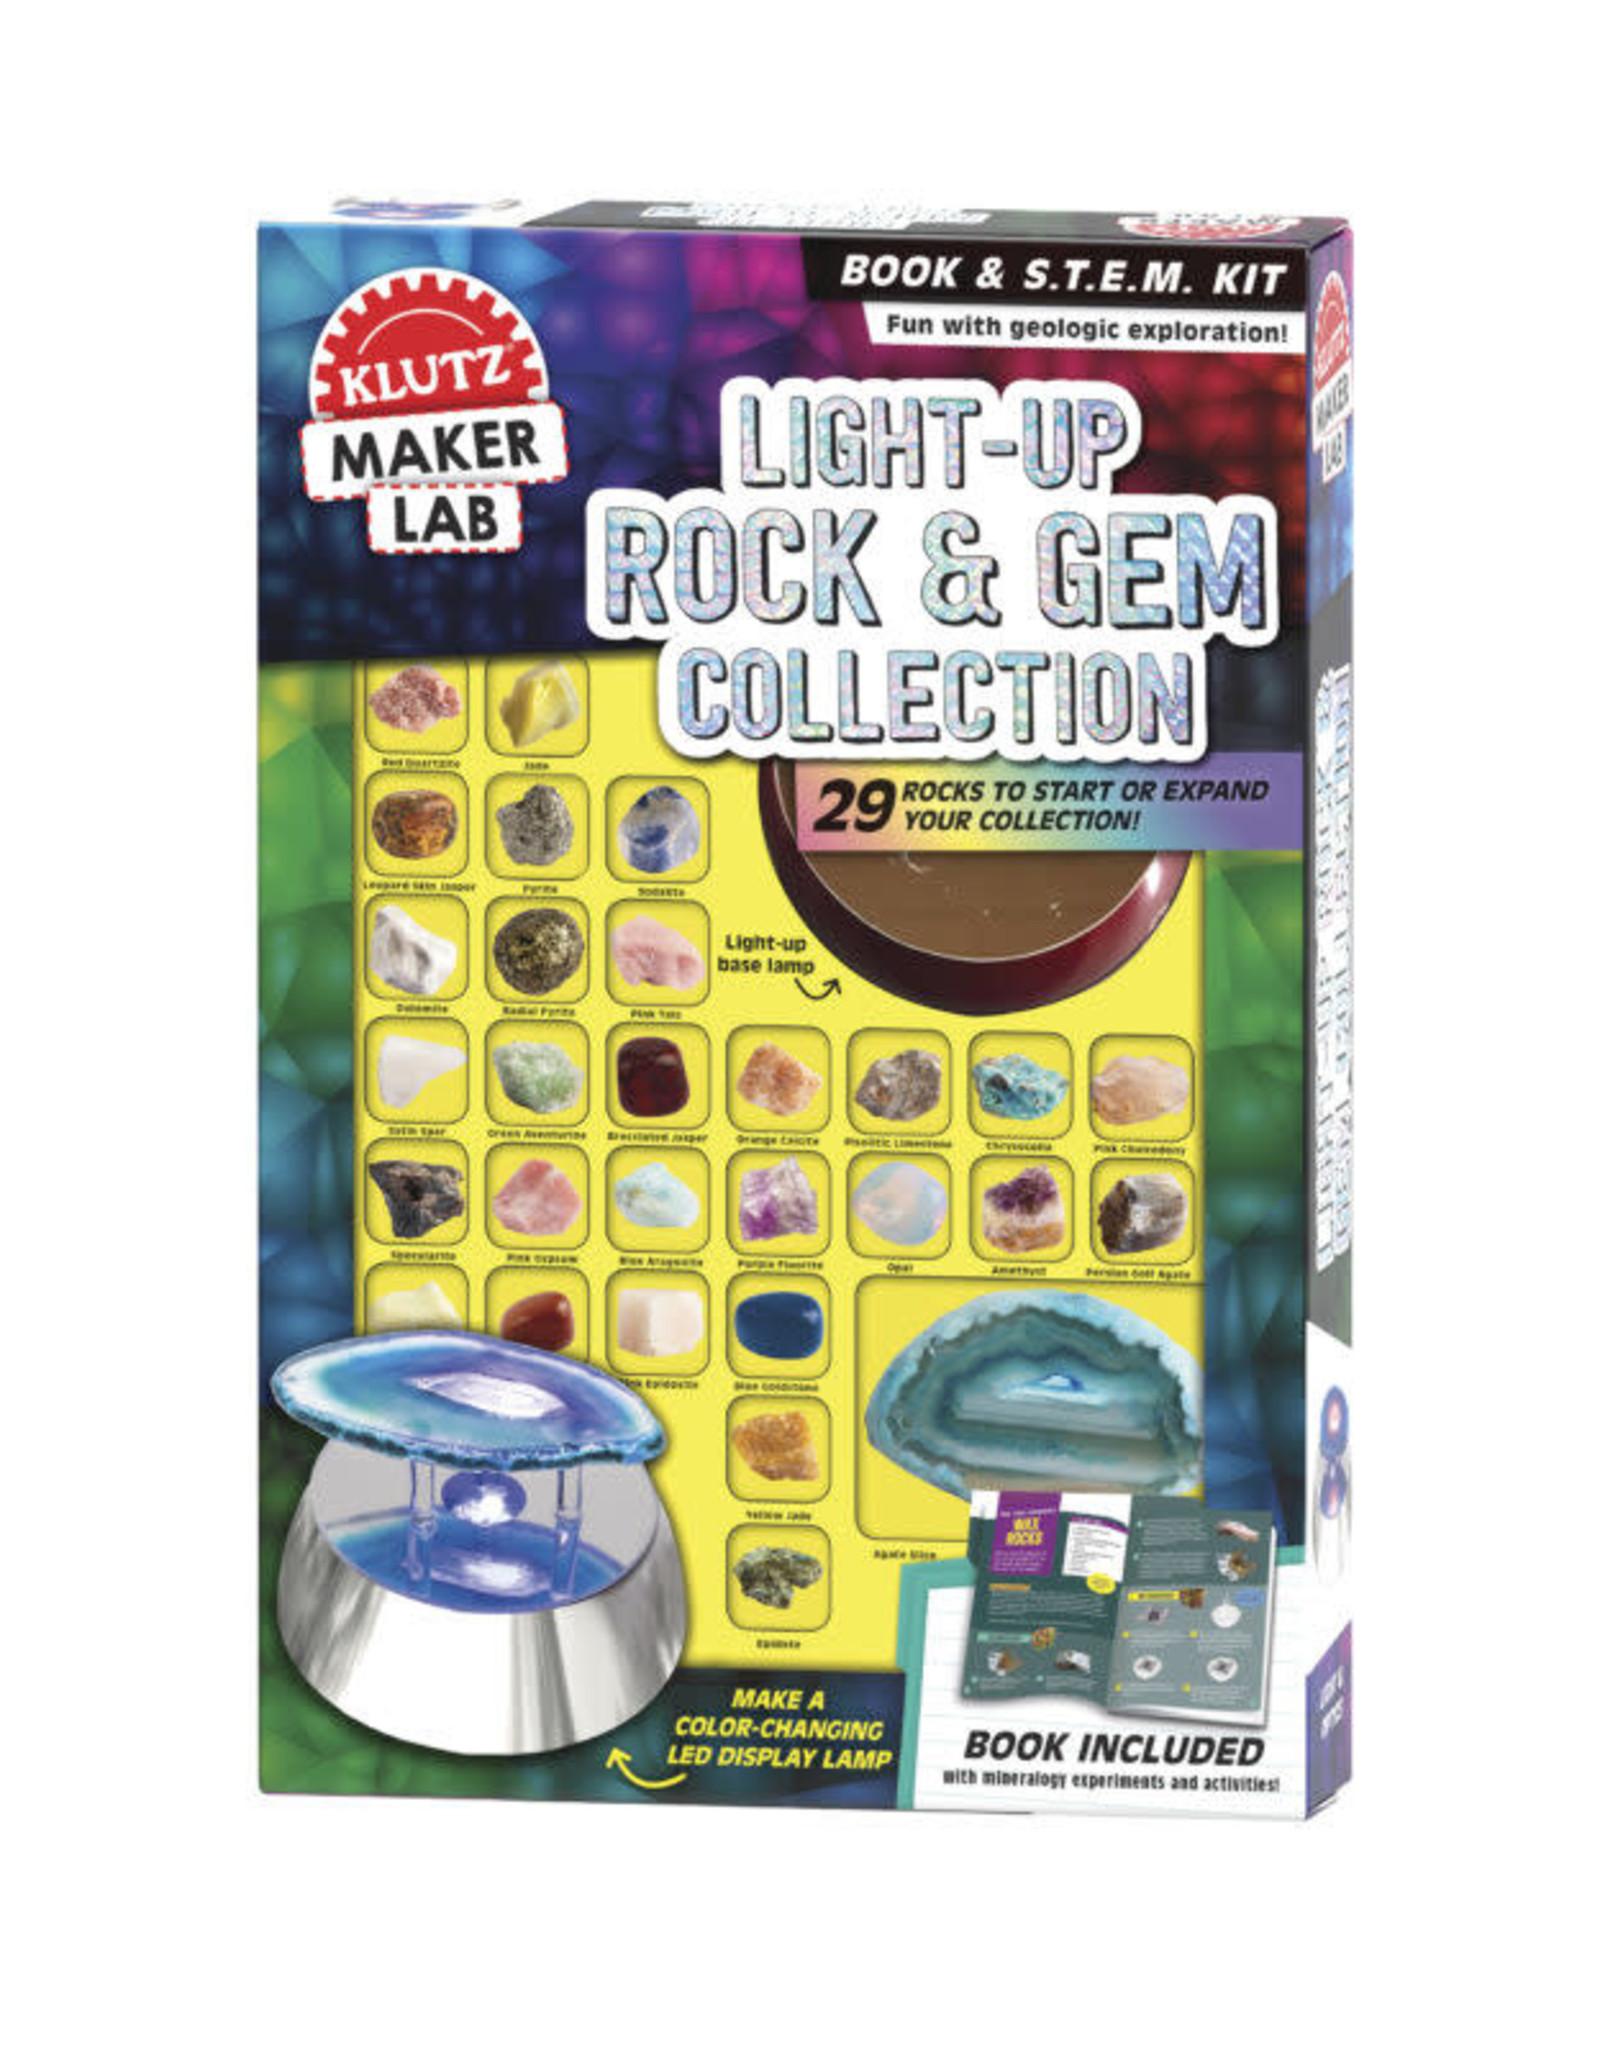 Klutz Light Up Rock & Gem Collection